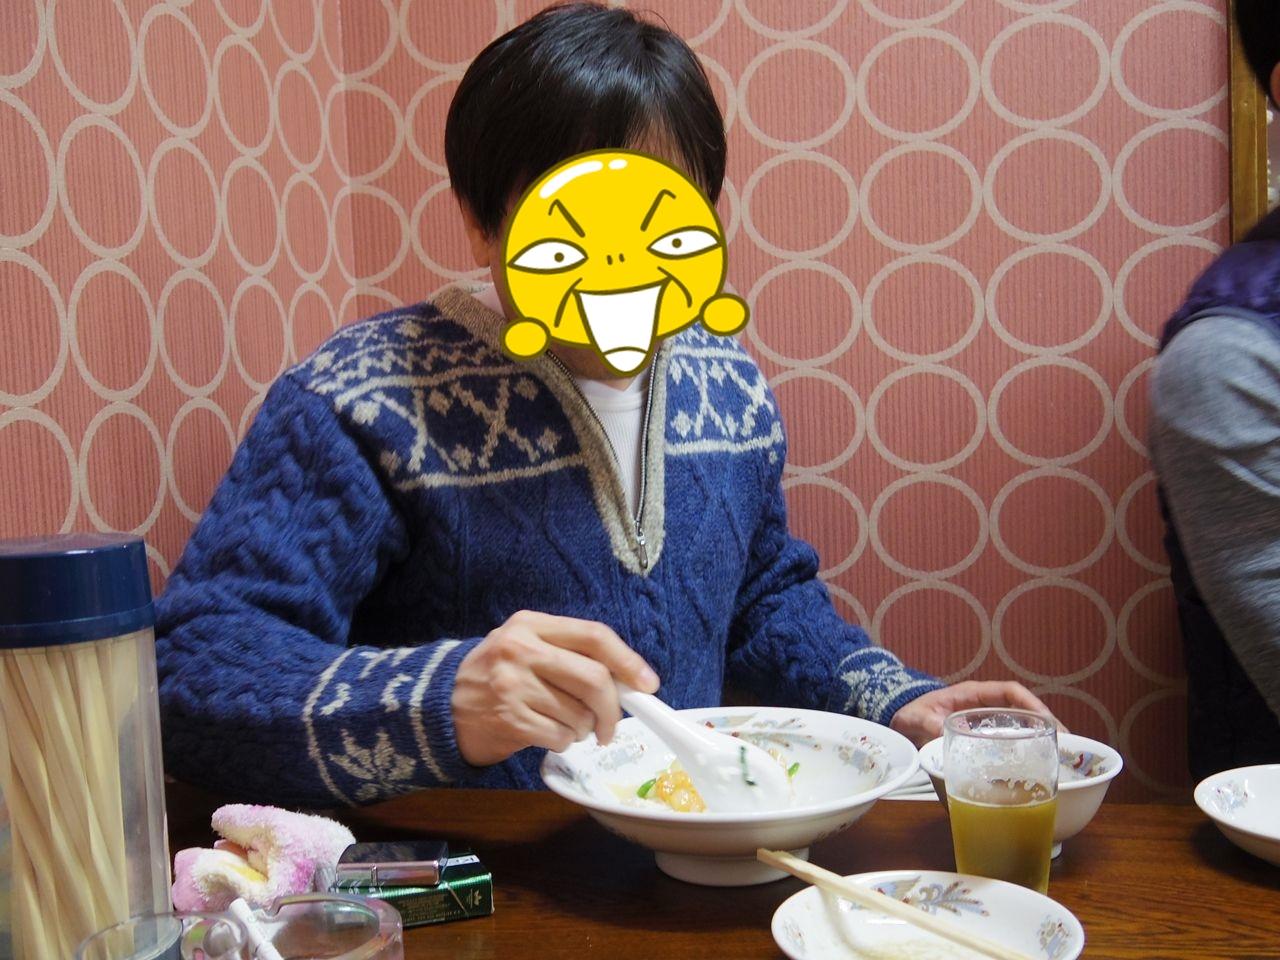 IMGP8186_R.jpg